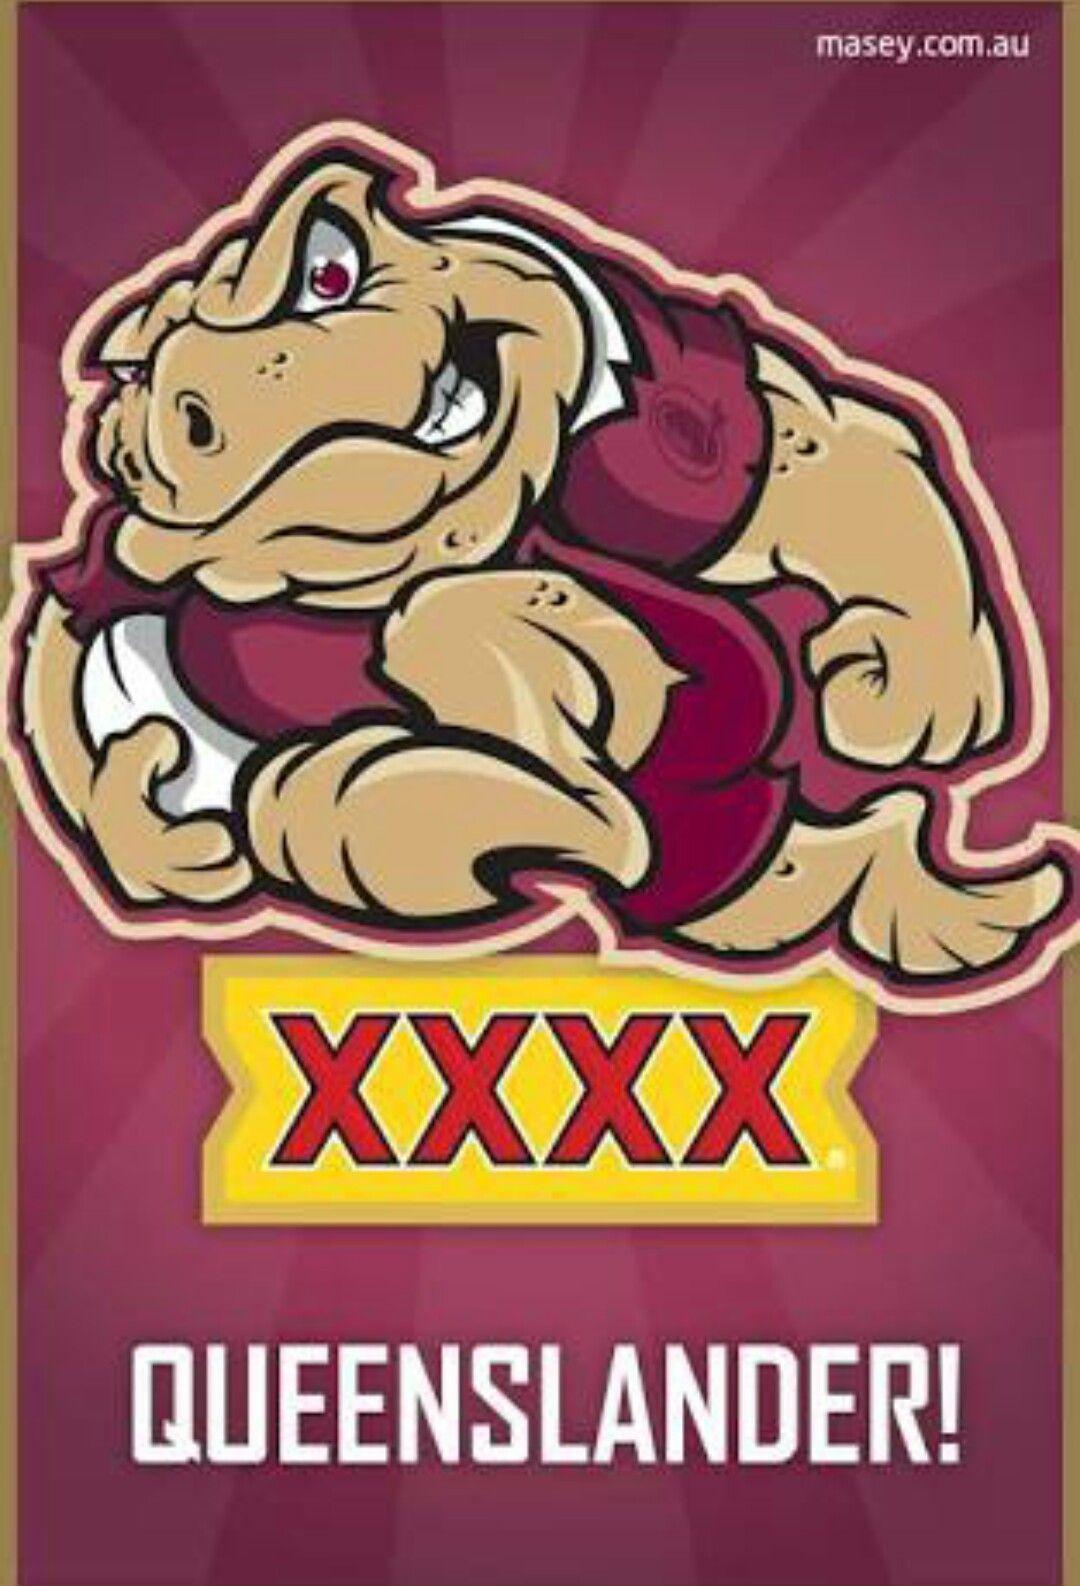 Rugby logo image by Zoe on DLQ Go Go go go go go go go